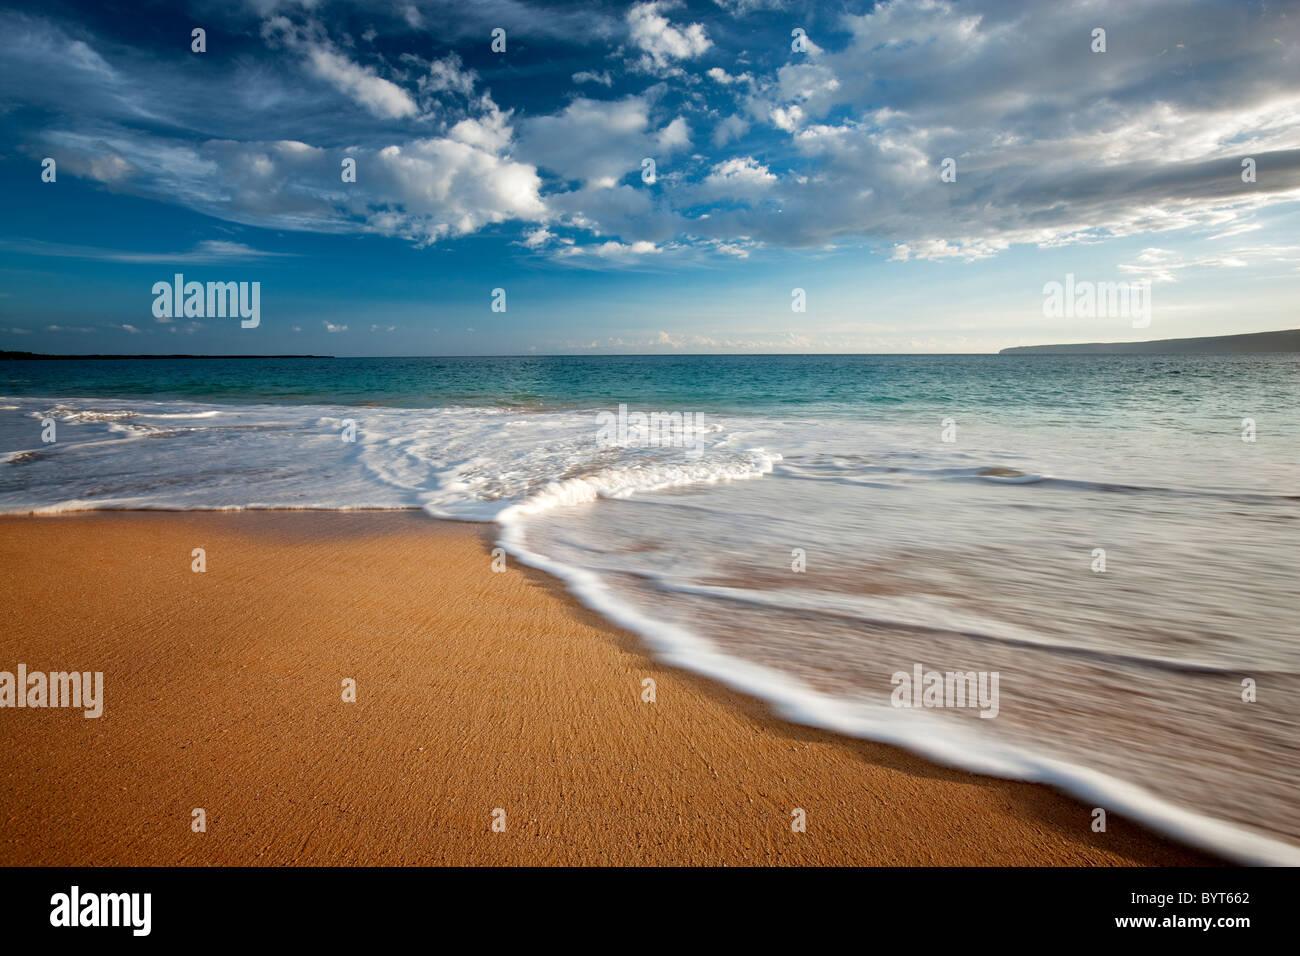 Strand, Wellen und Wolken. Maui, Hawaii. Stockbild